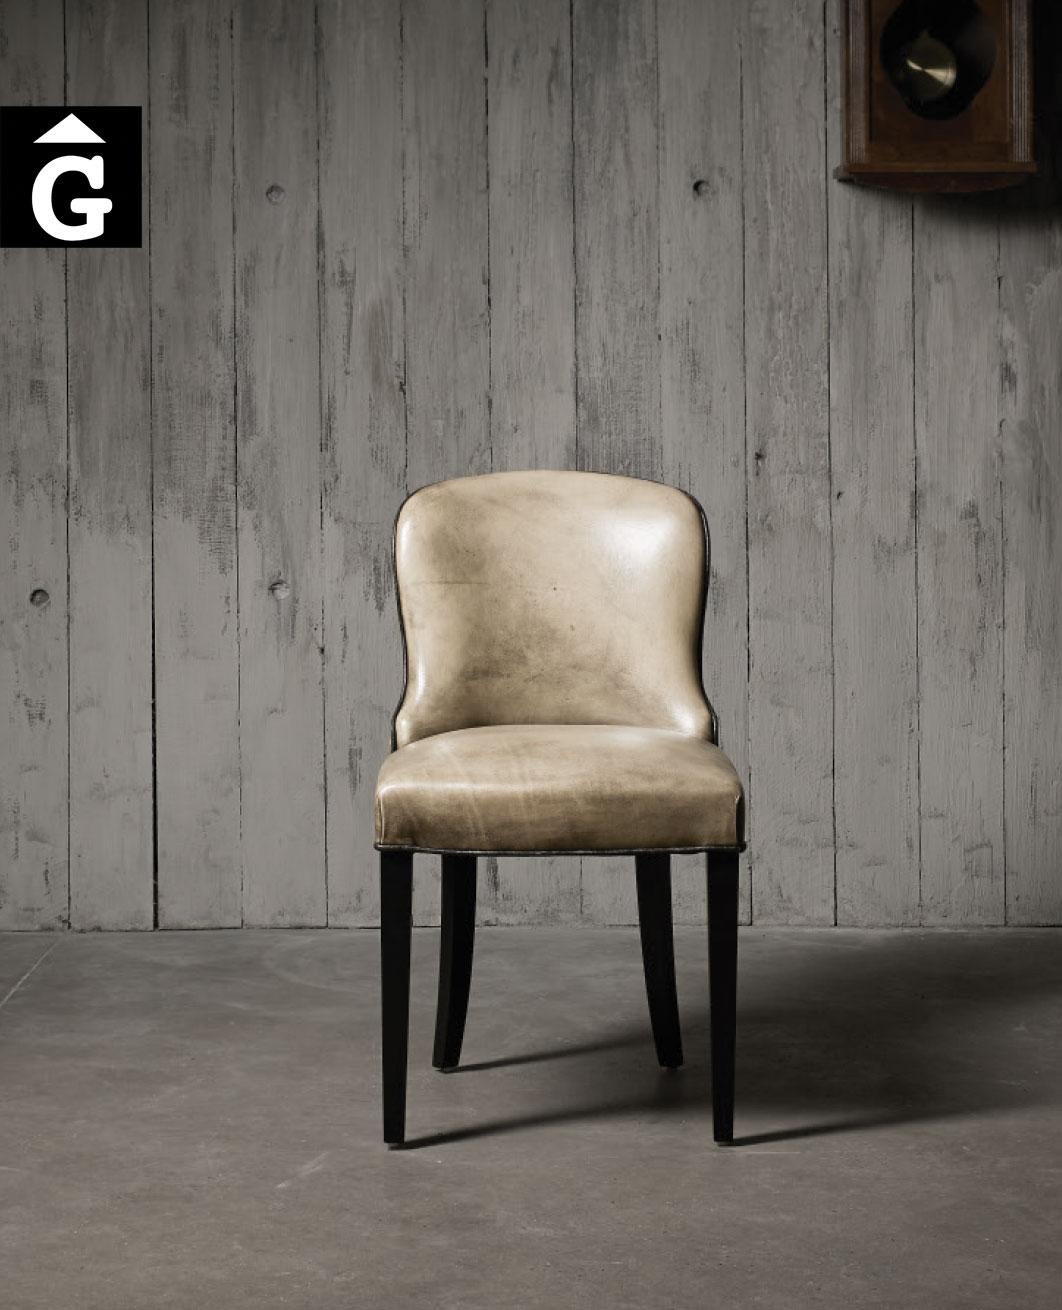 Fleming-&-Howland-tapisseria-&-mobles-Gifreu-colecció-Book-Girona-Barcelona-Capitone-Sofà-silló-Chaiselongue-Butaca-Cadira-78